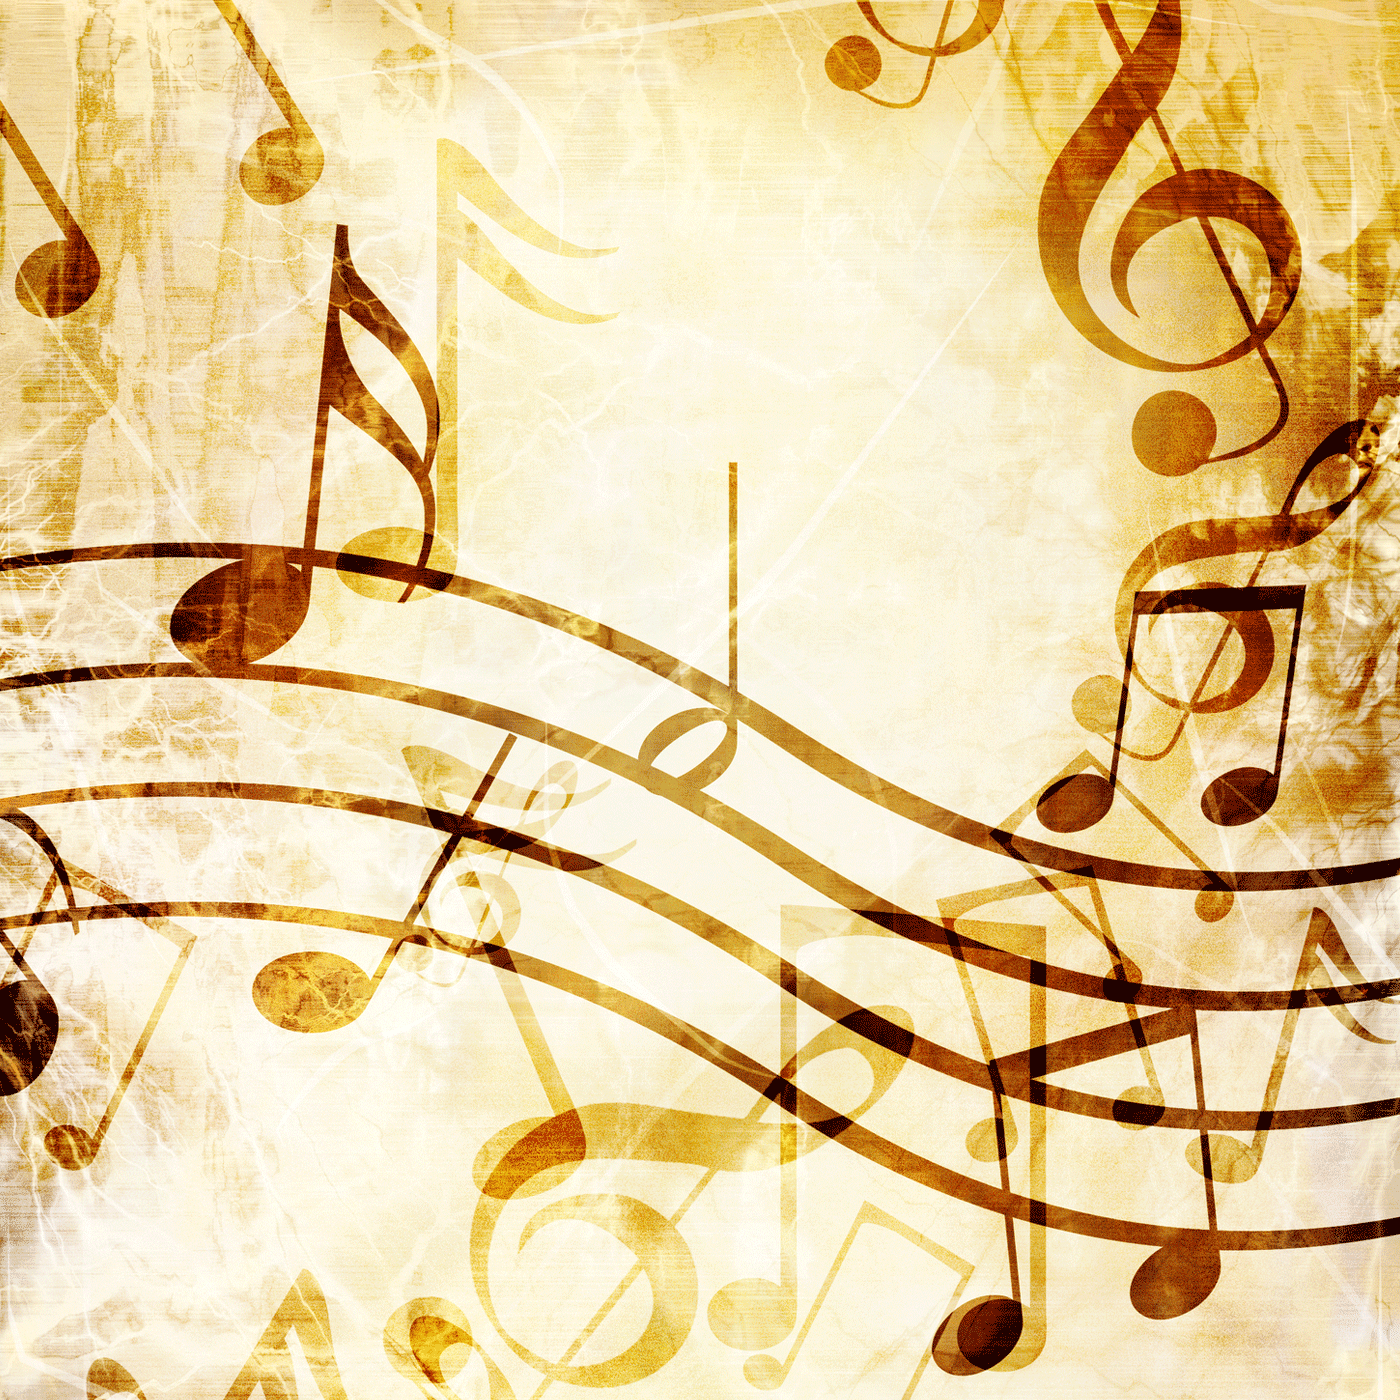 classical period on classicalradio com classicalradio com